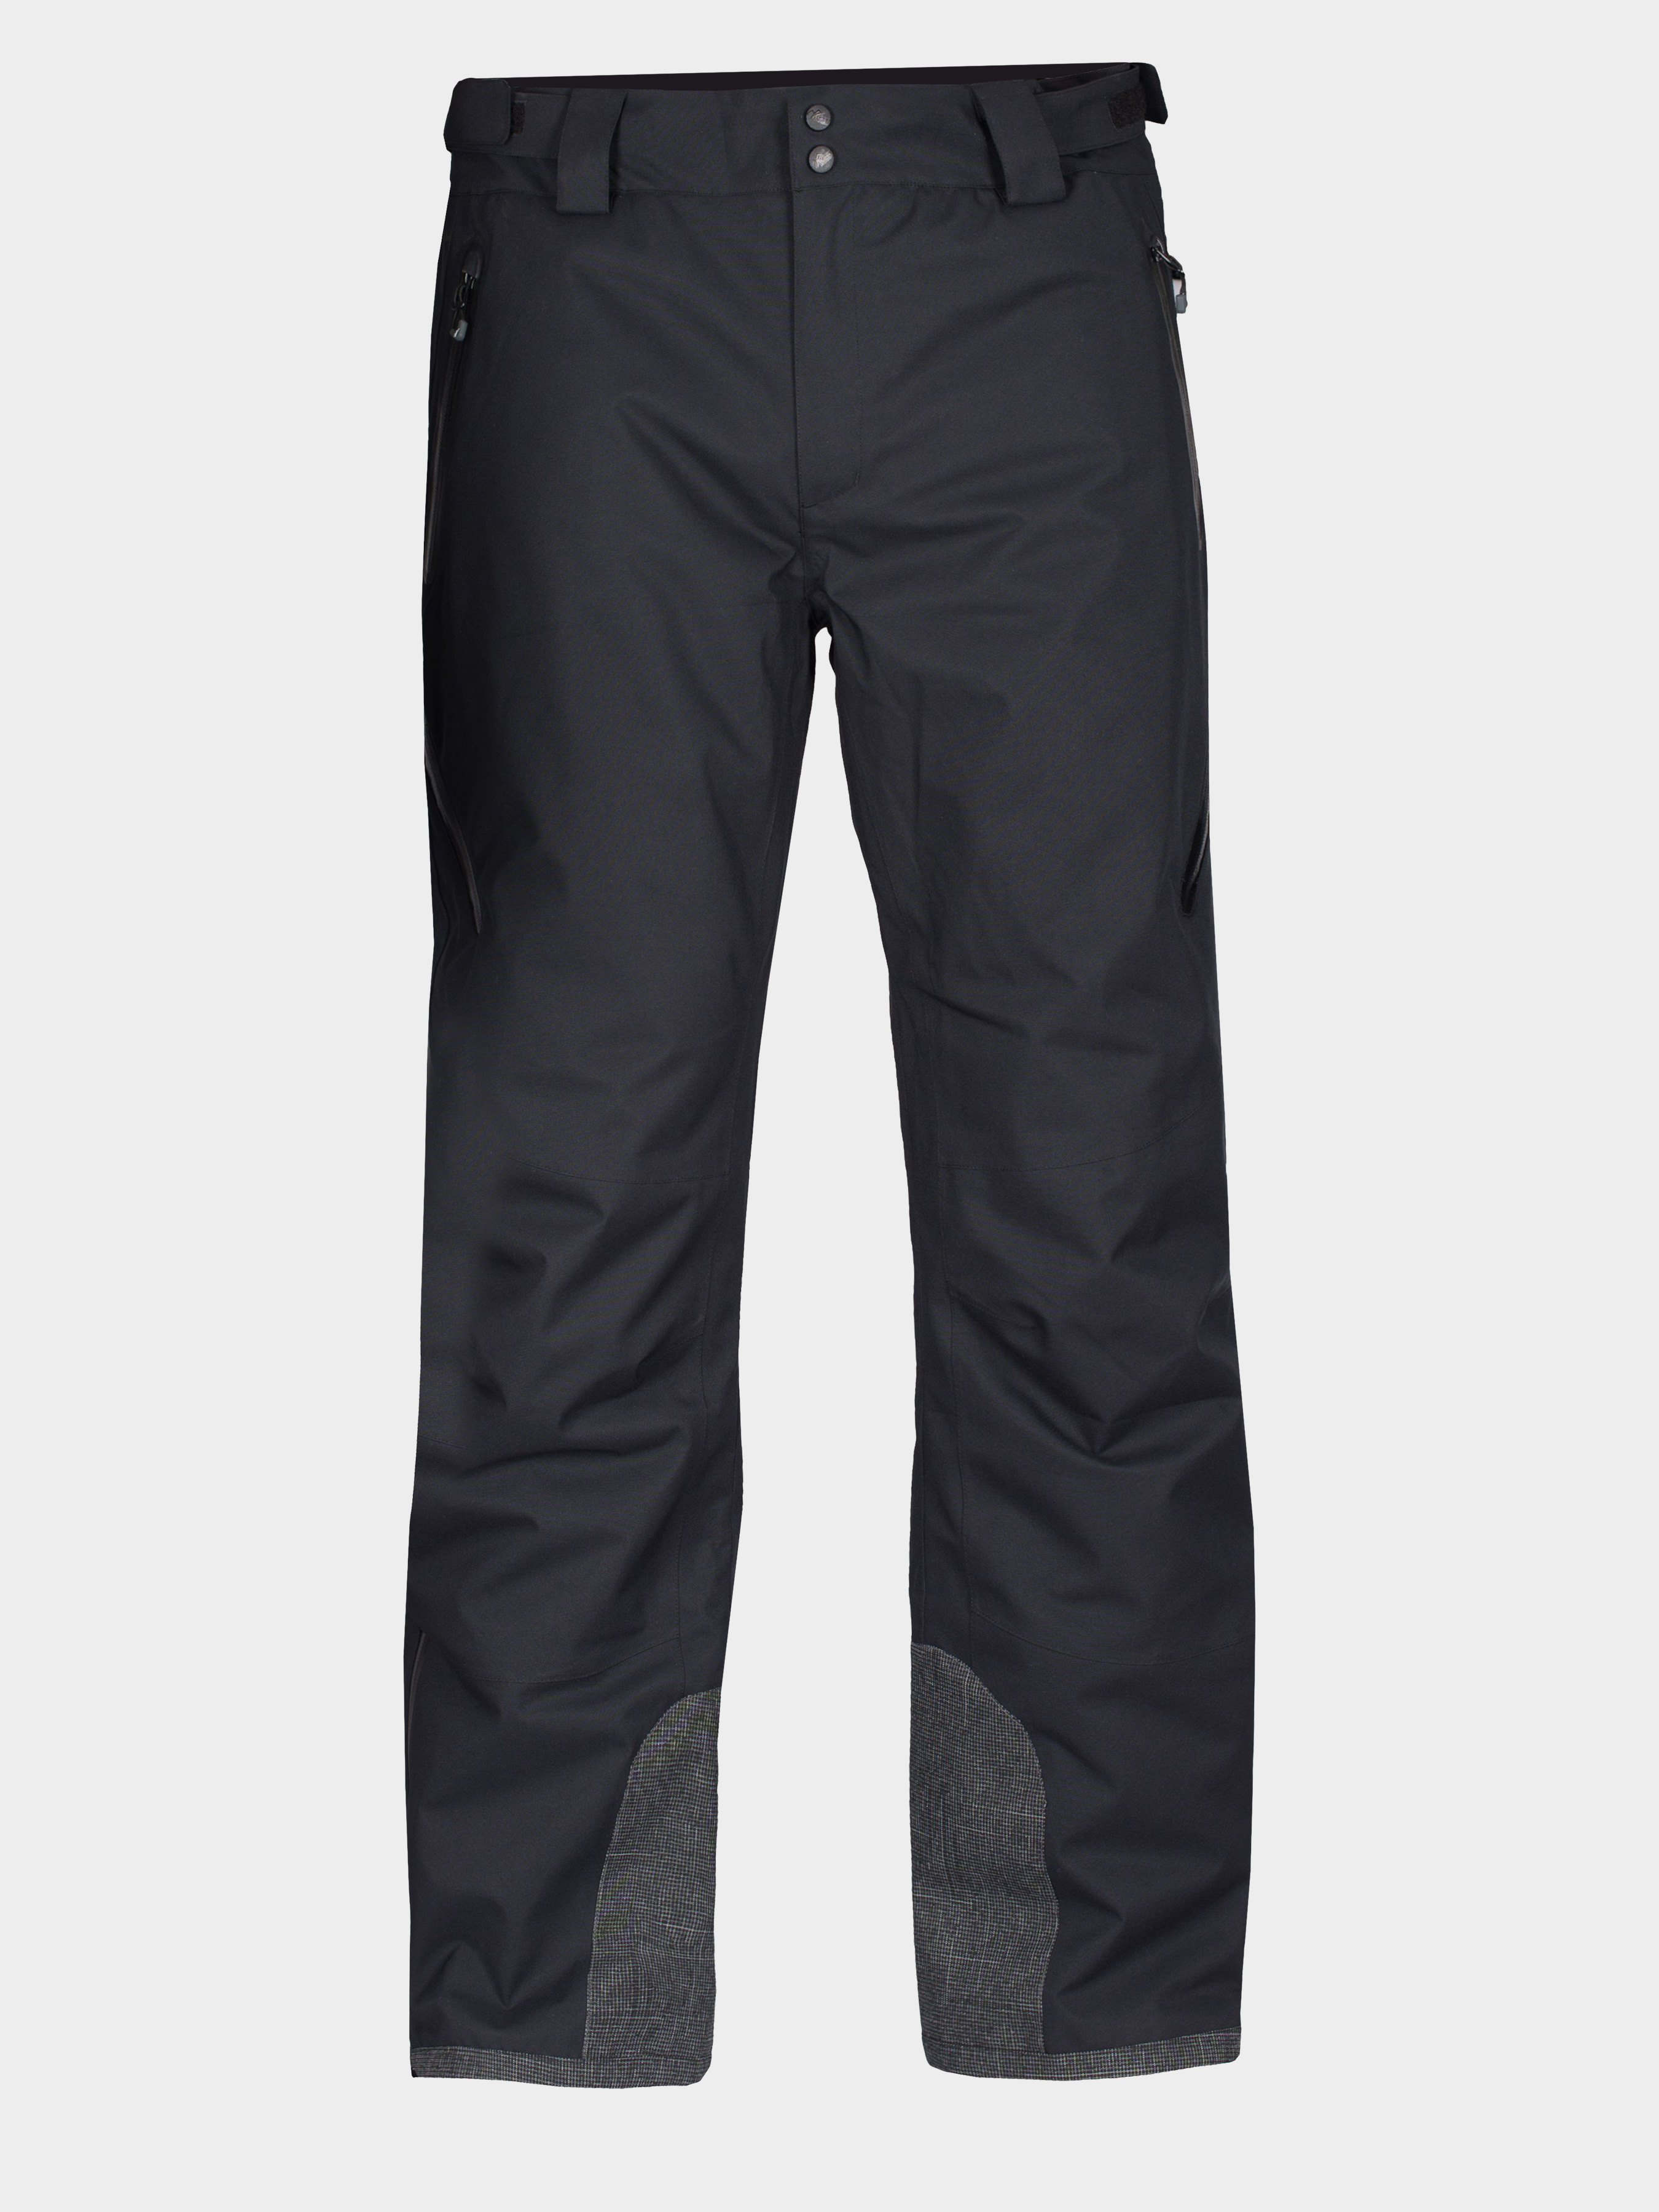 Брюки мужские модель ACSP-170101, Черный  - купить со скидкой